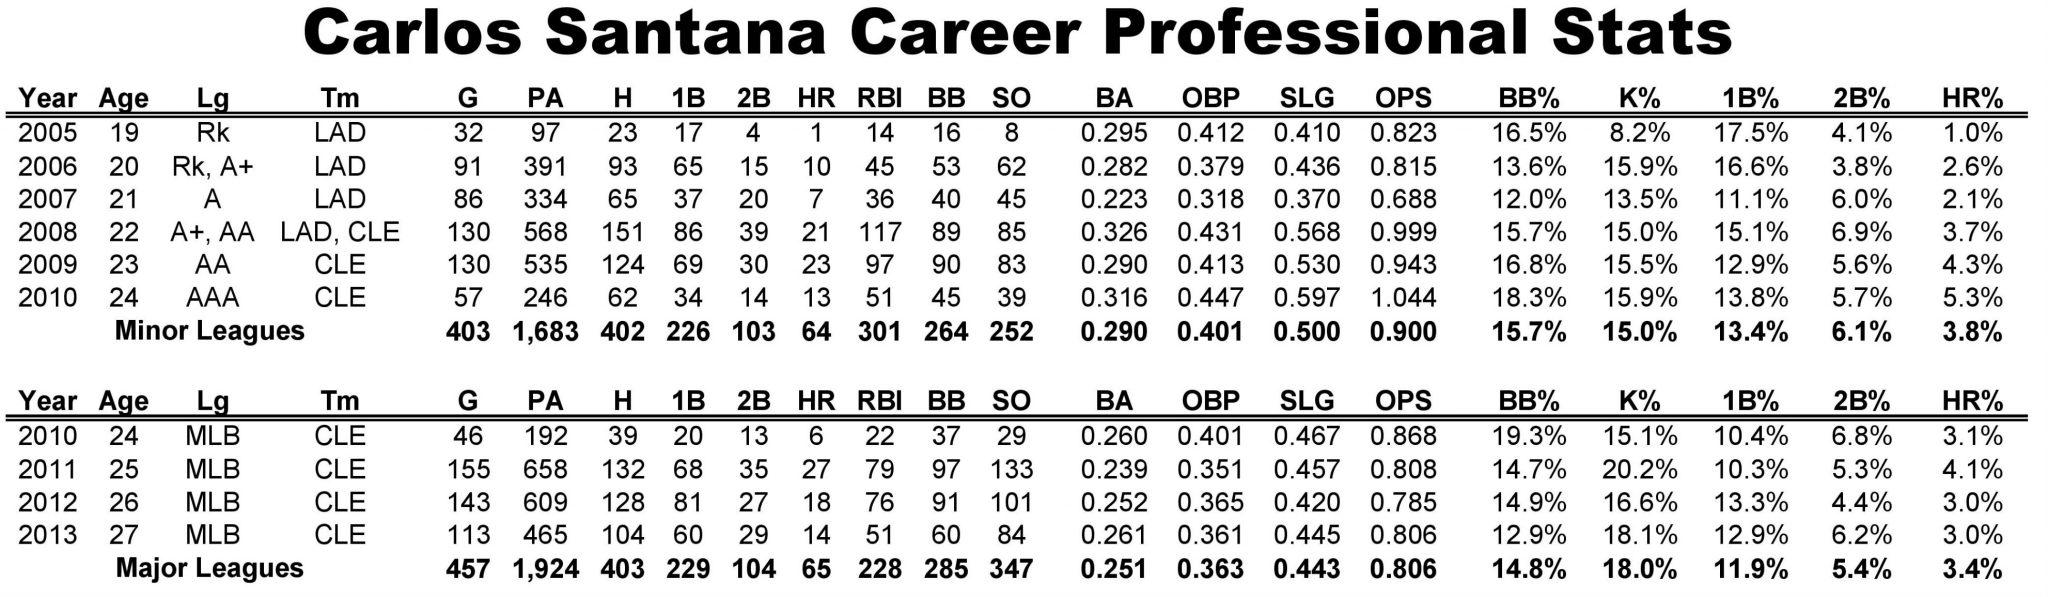 carlos santana career stats-page-001 (1)